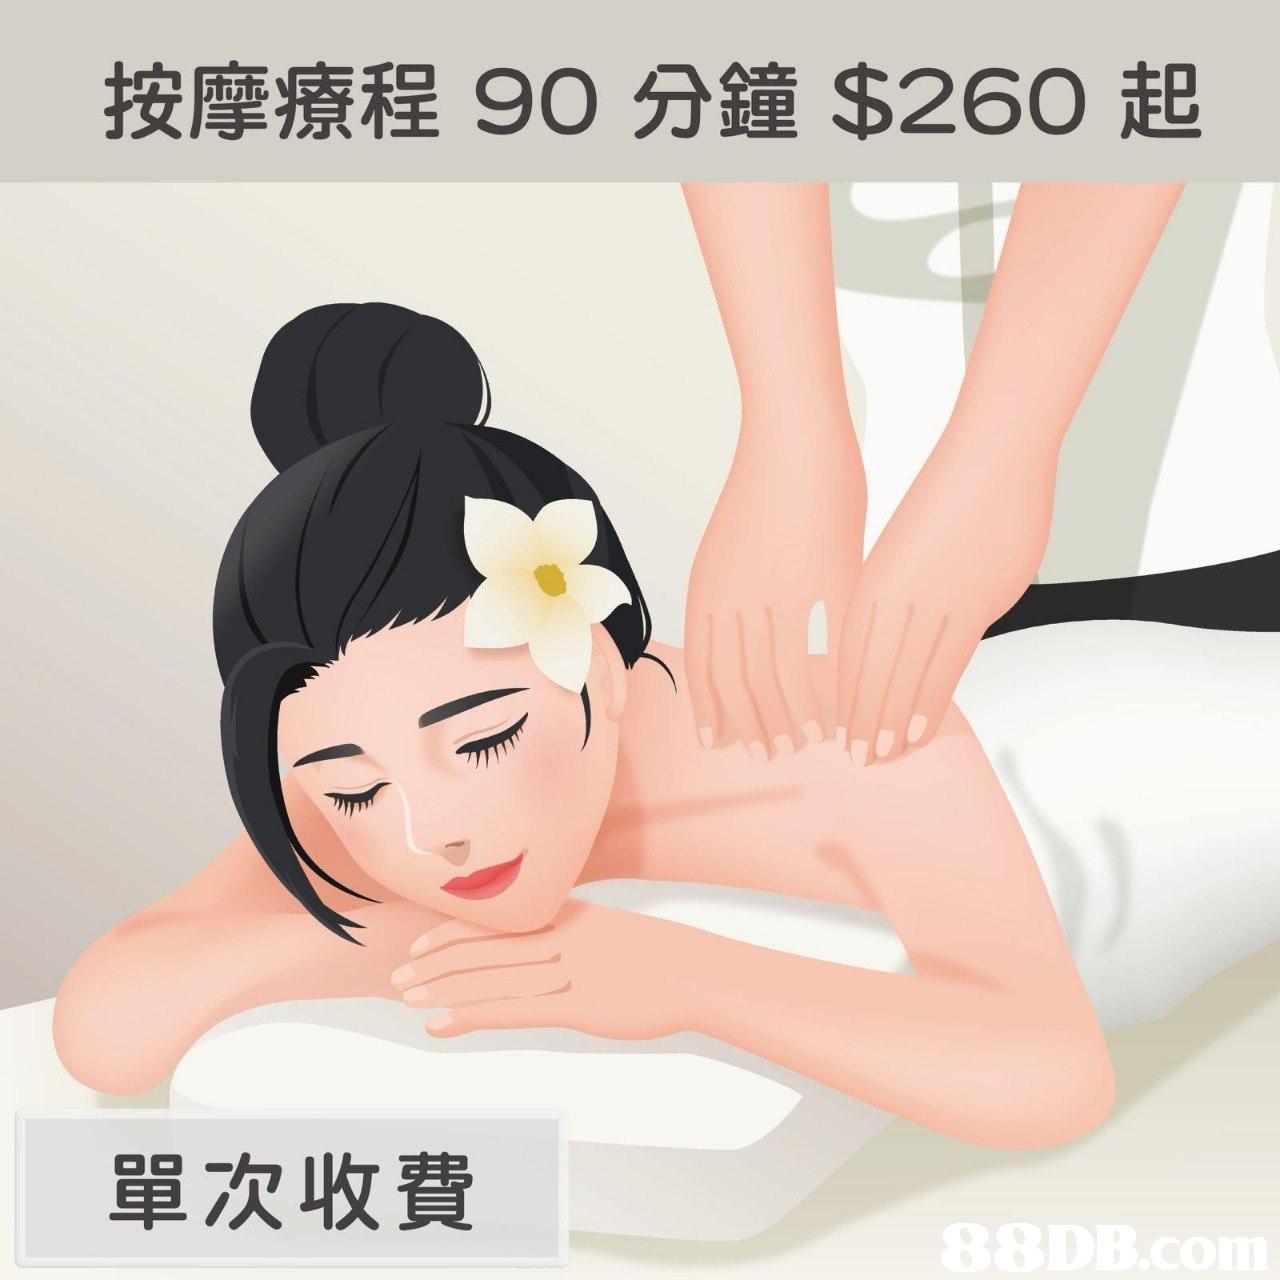 按摩療程90分鐘$260起 單次收費  skin,cartoon,joint,shoulder,forehead